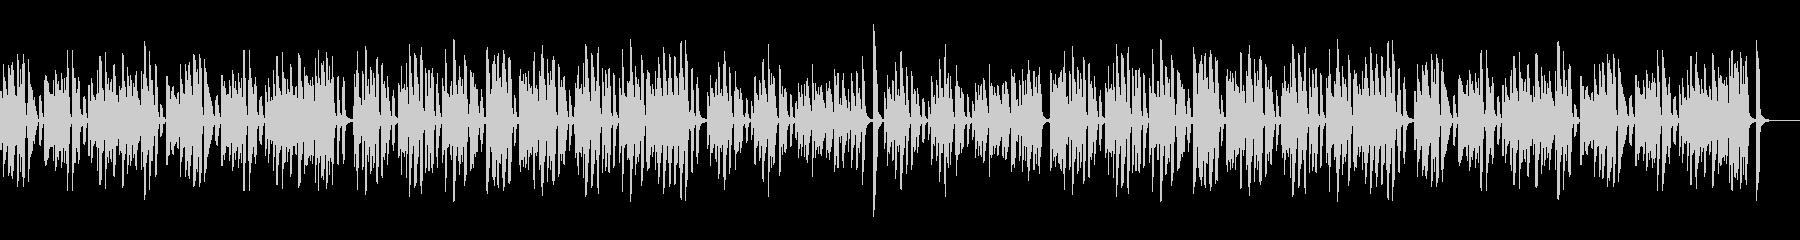 コロコロ可愛いレトロジャズピアノの未再生の波形